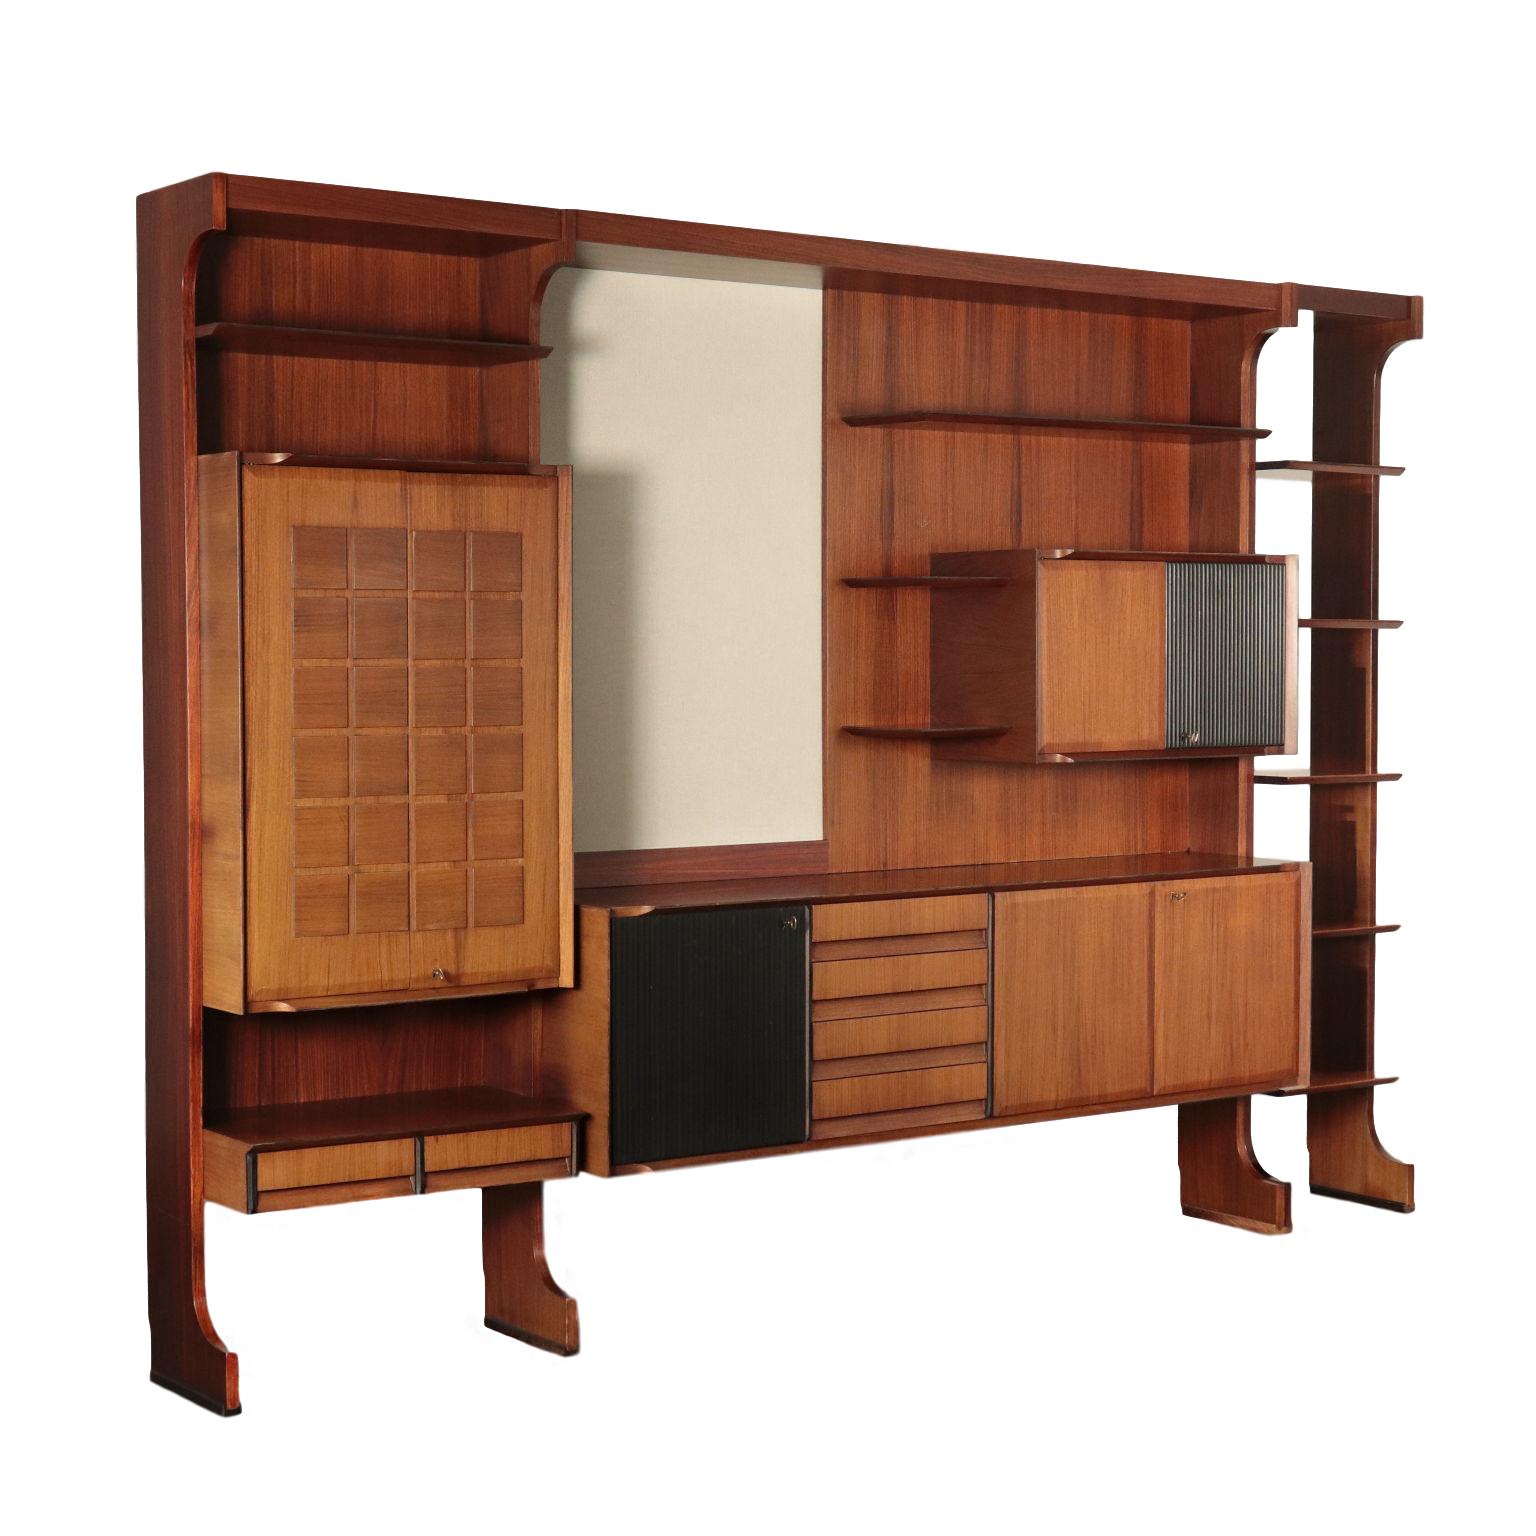 Wohnzimmer Schrank Rosenholz Furnier Italien 6er Jahre - Librerie